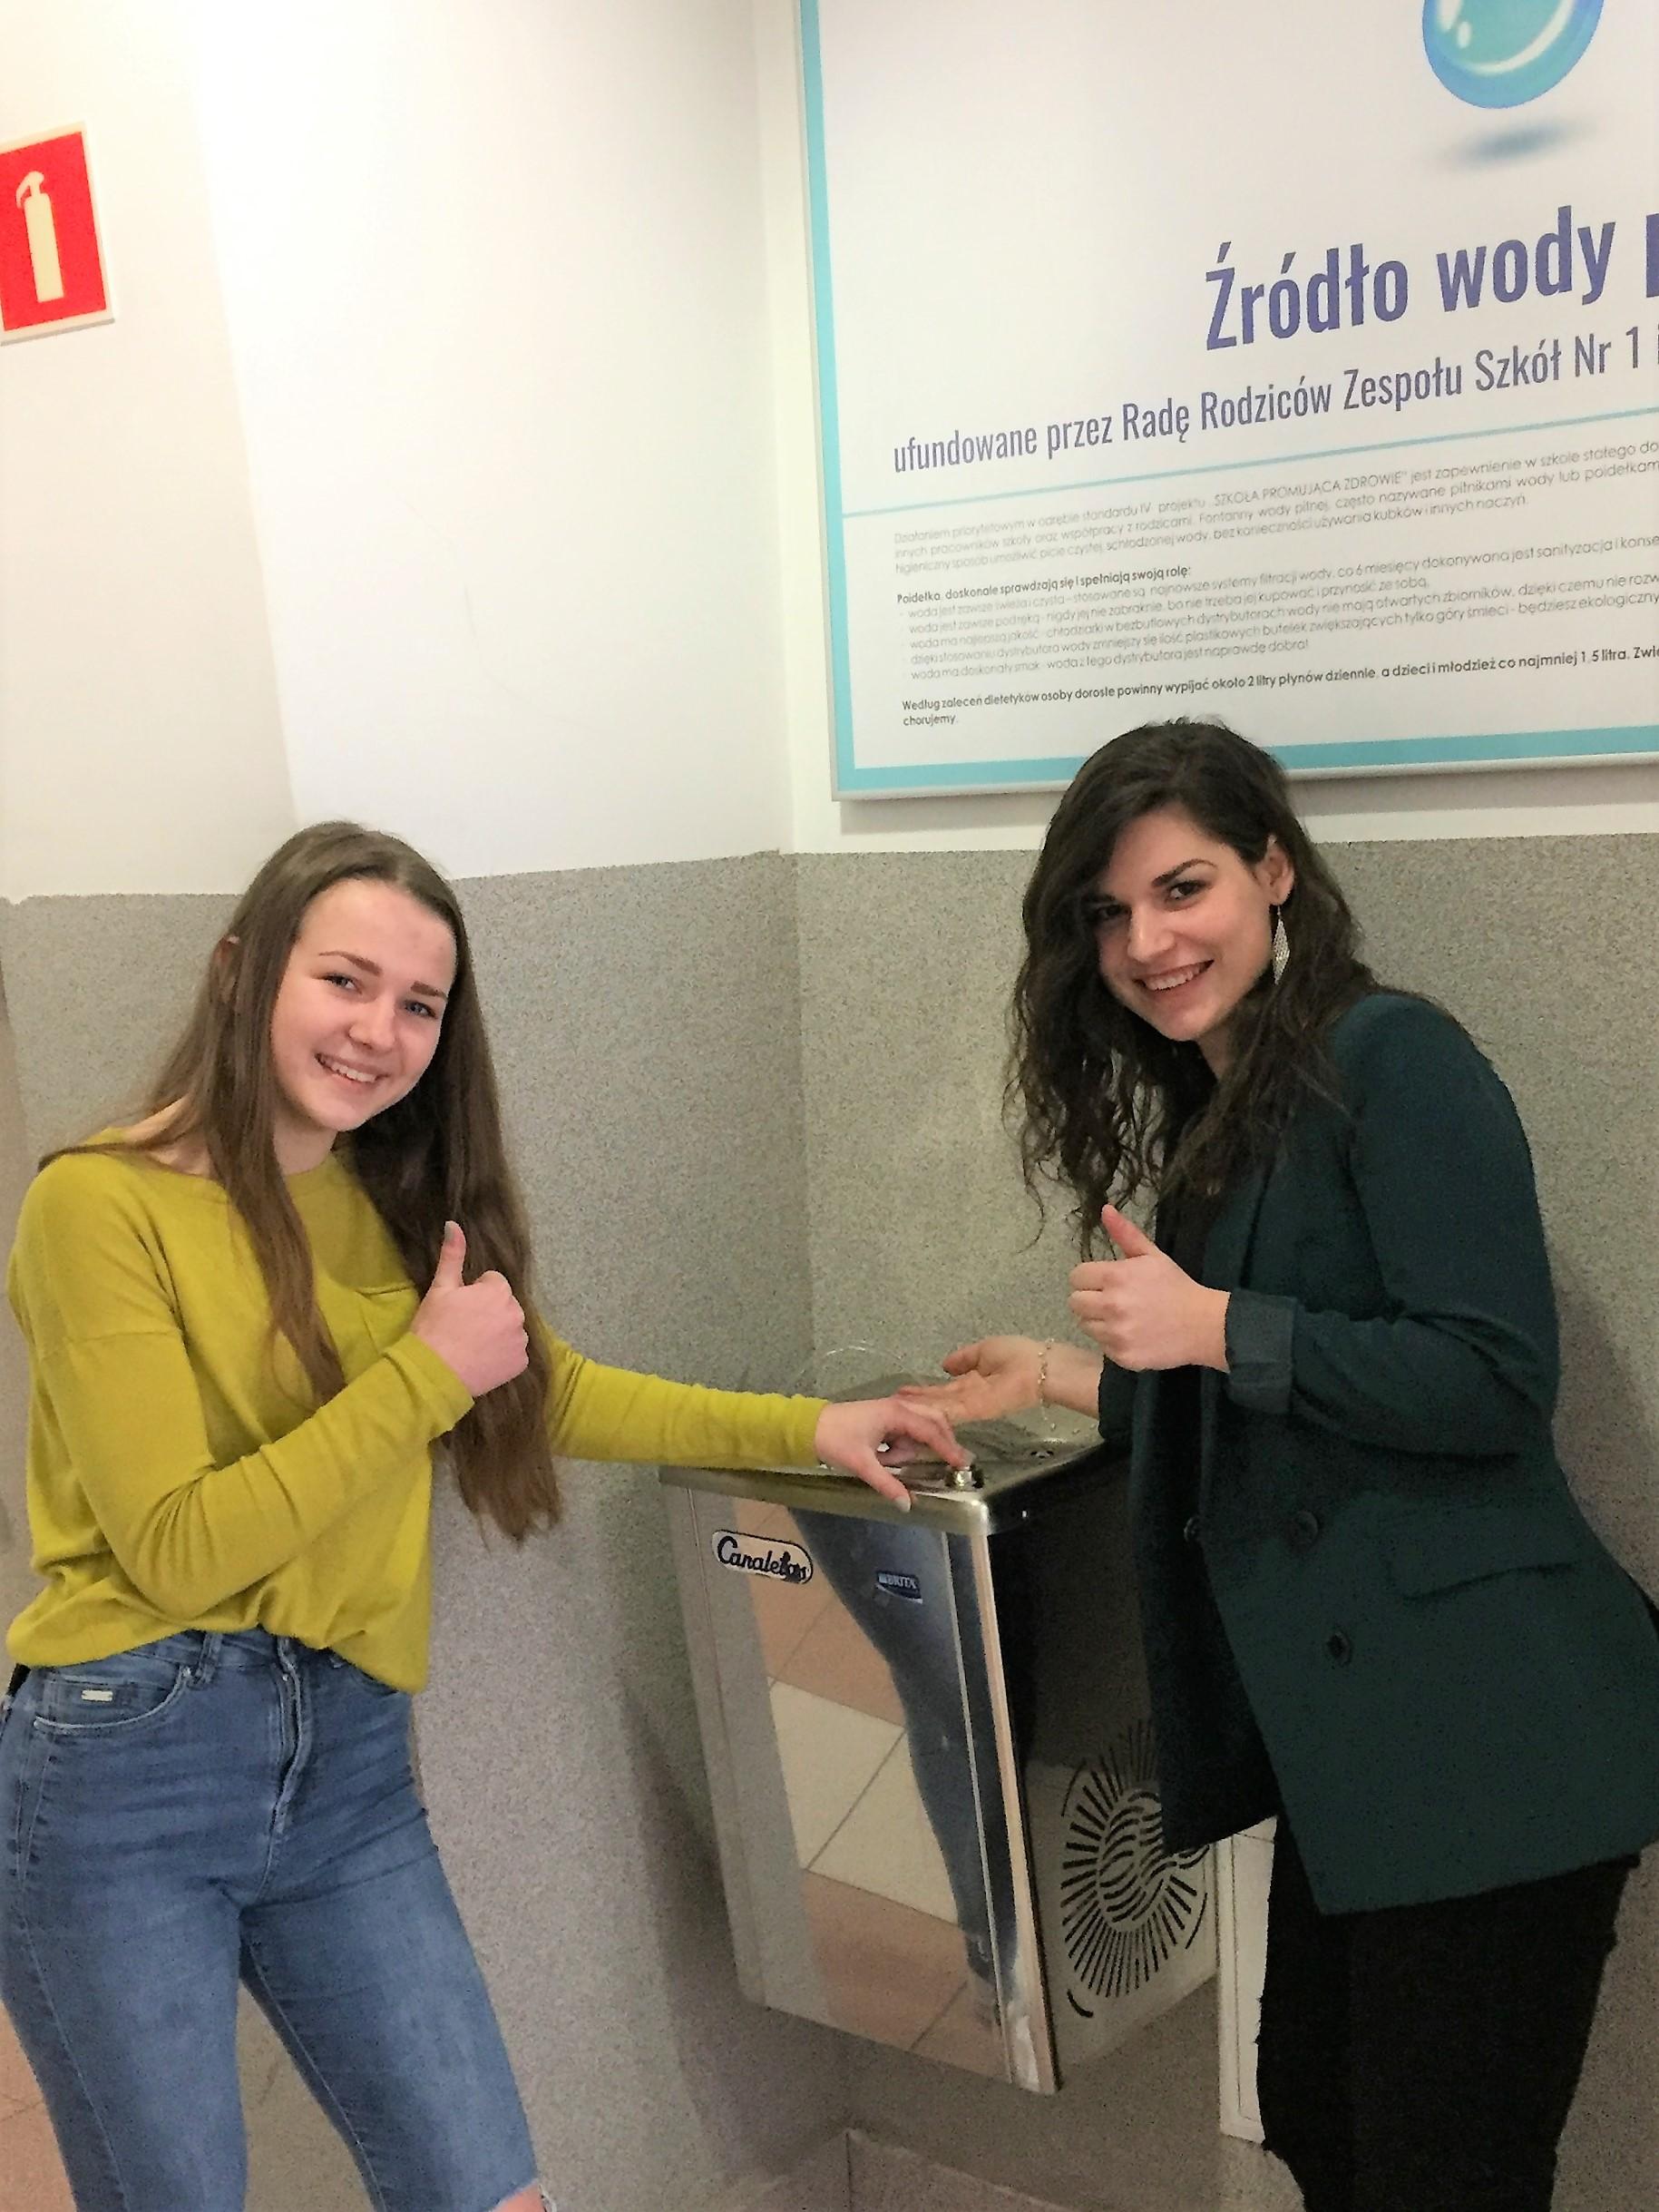 uczniowie z ZS nr 1 w Limanowej korzystają ze źródełka wody pitnej